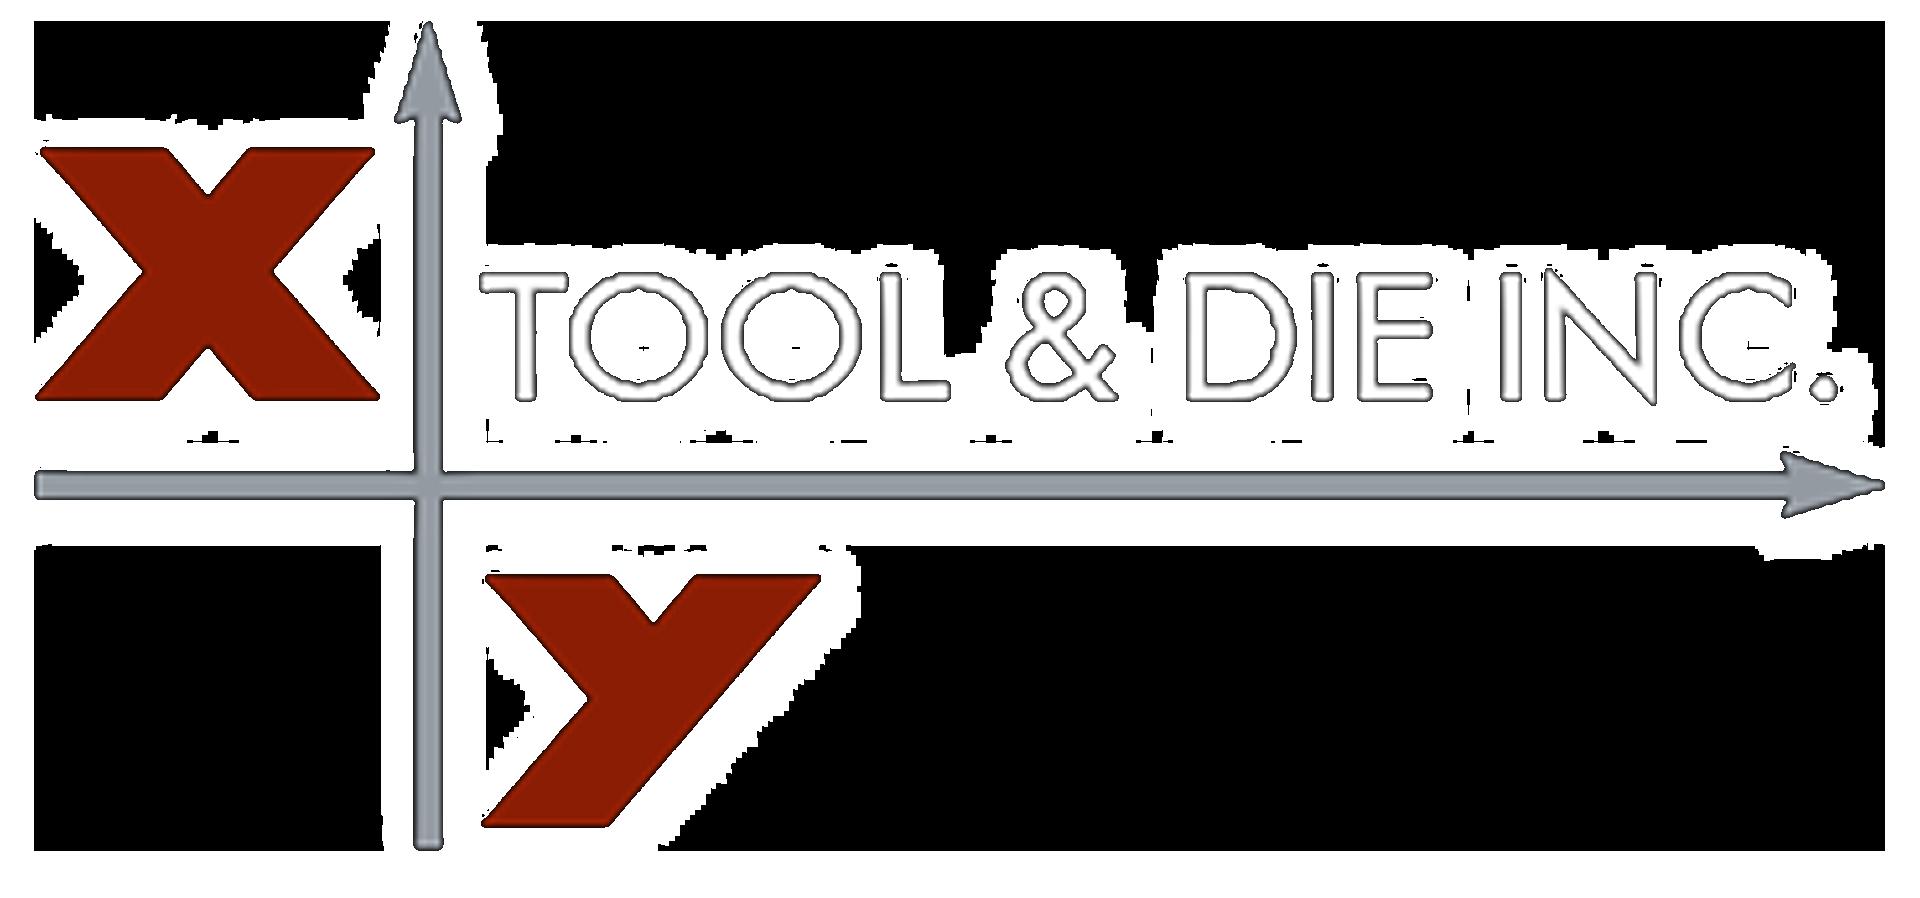 XY Tool & Die